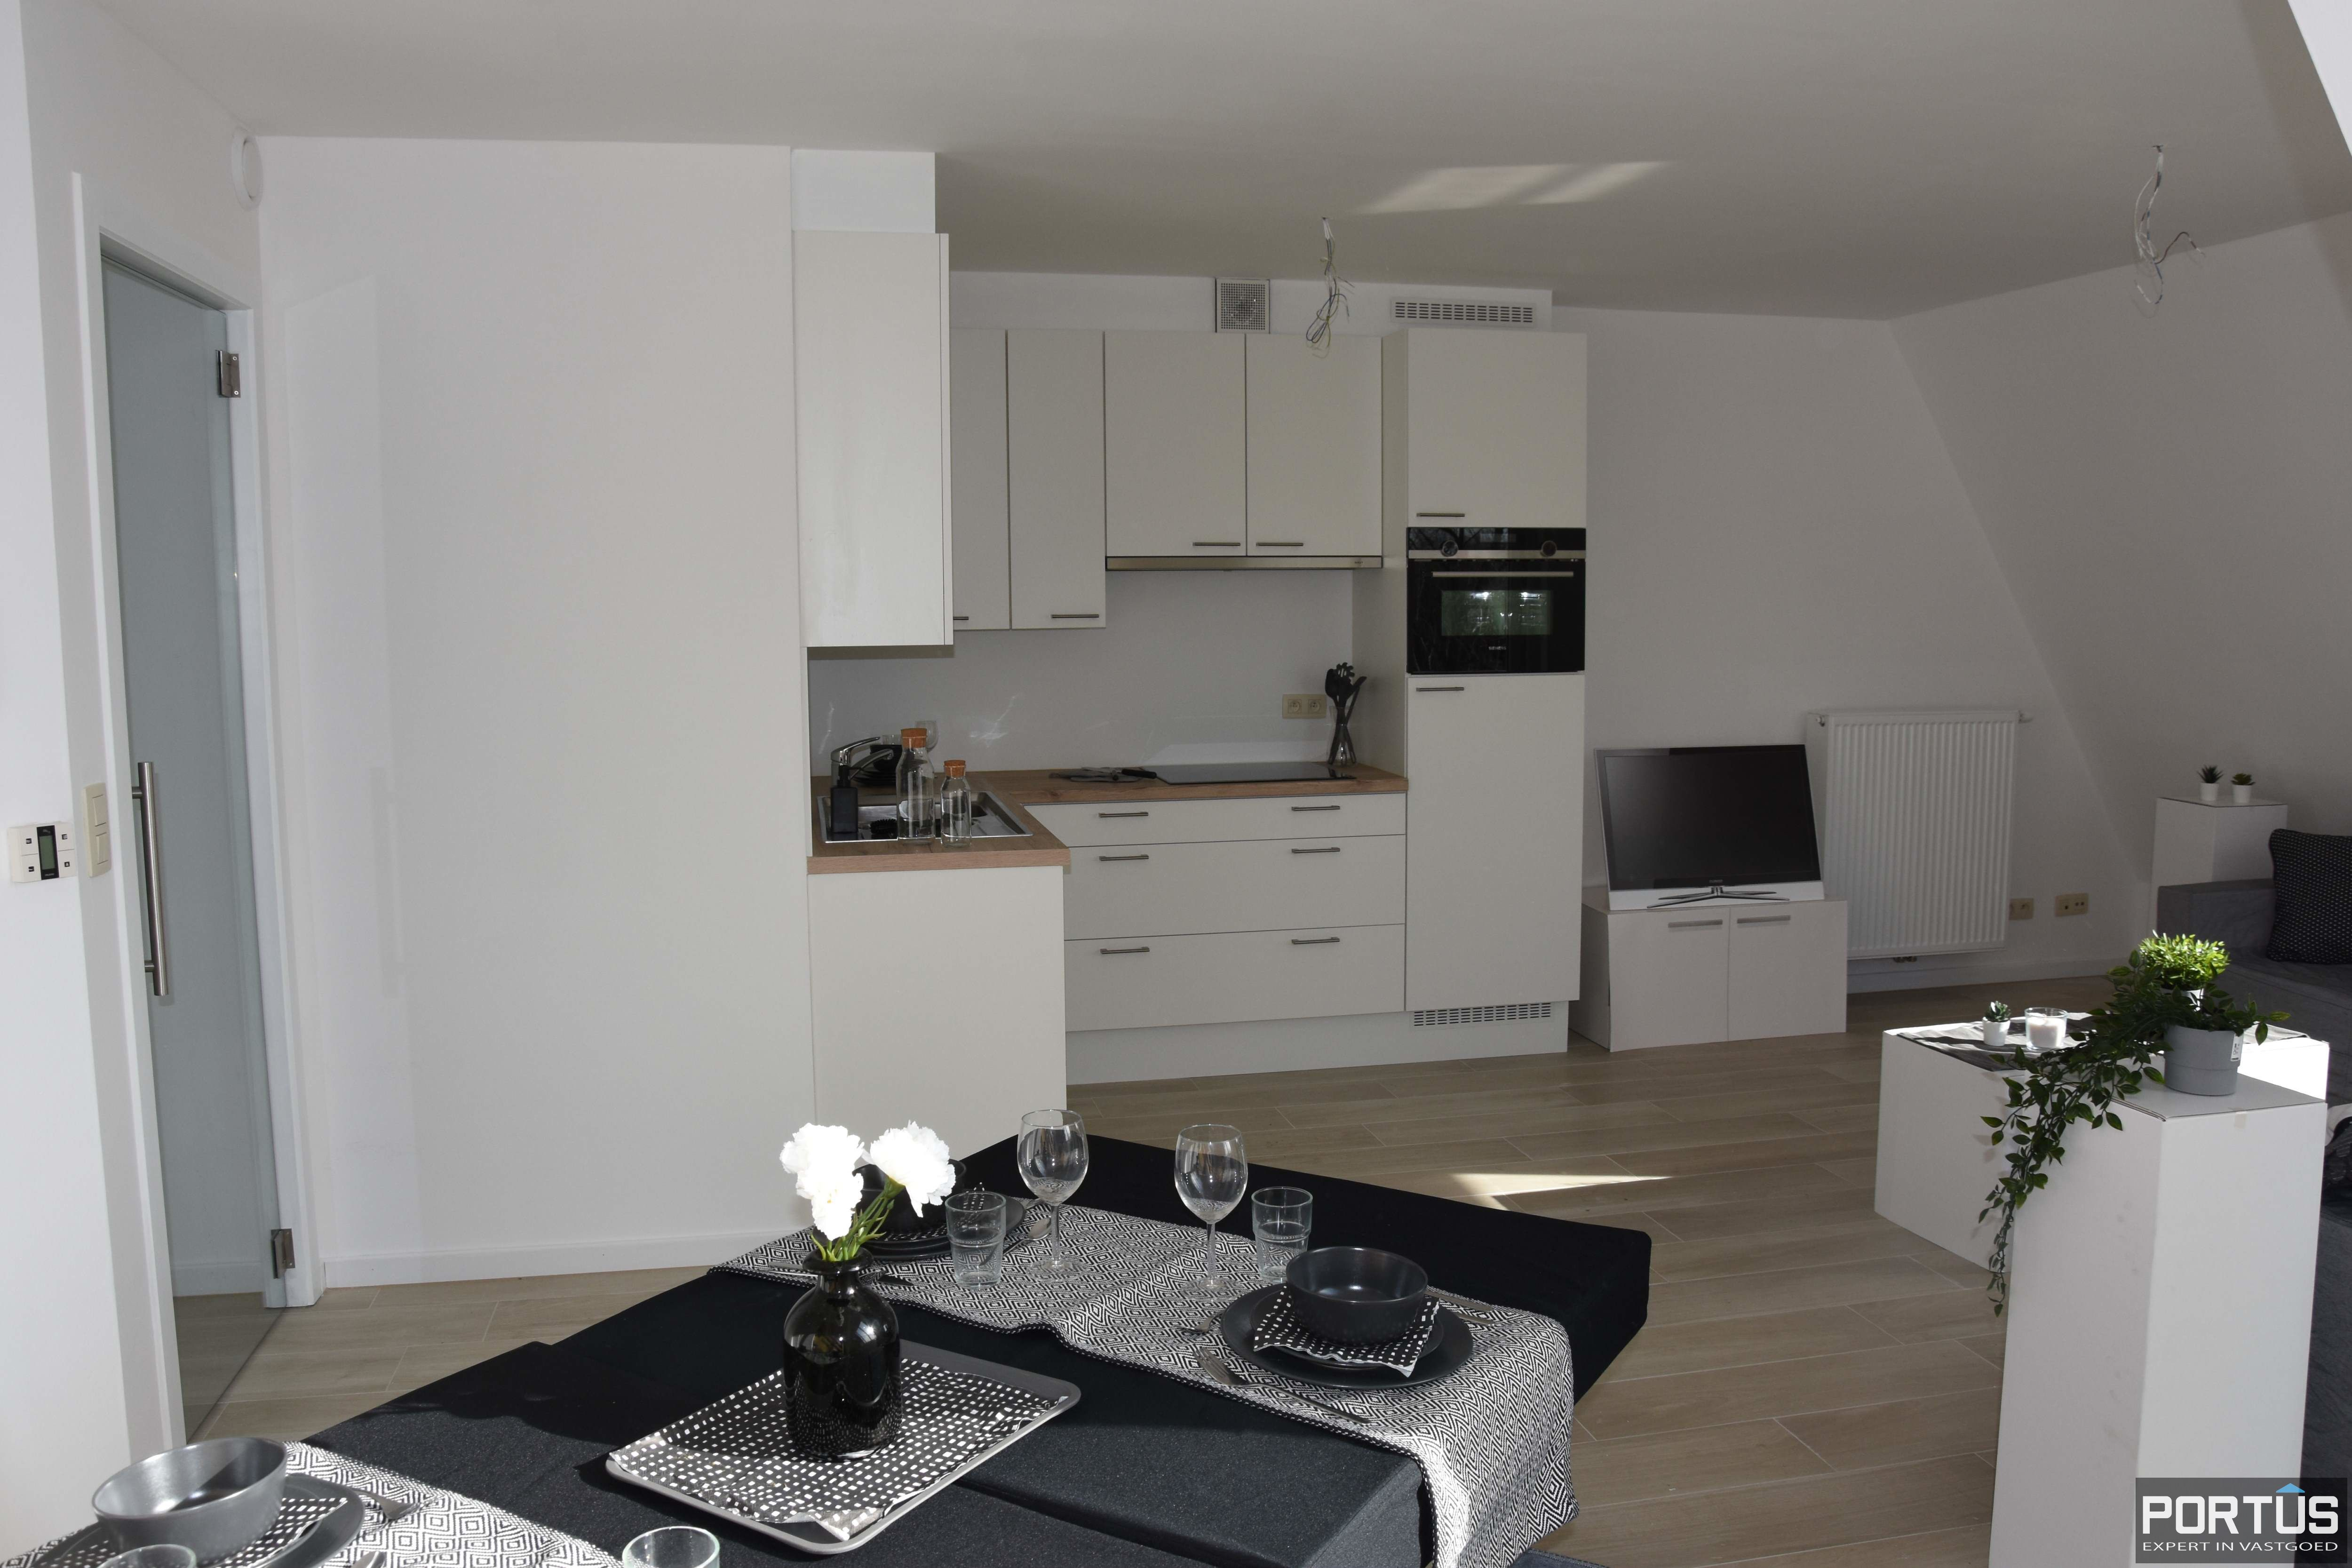 Appartement met 2 slaapkamers te koop te Nieuwpoort - 12304